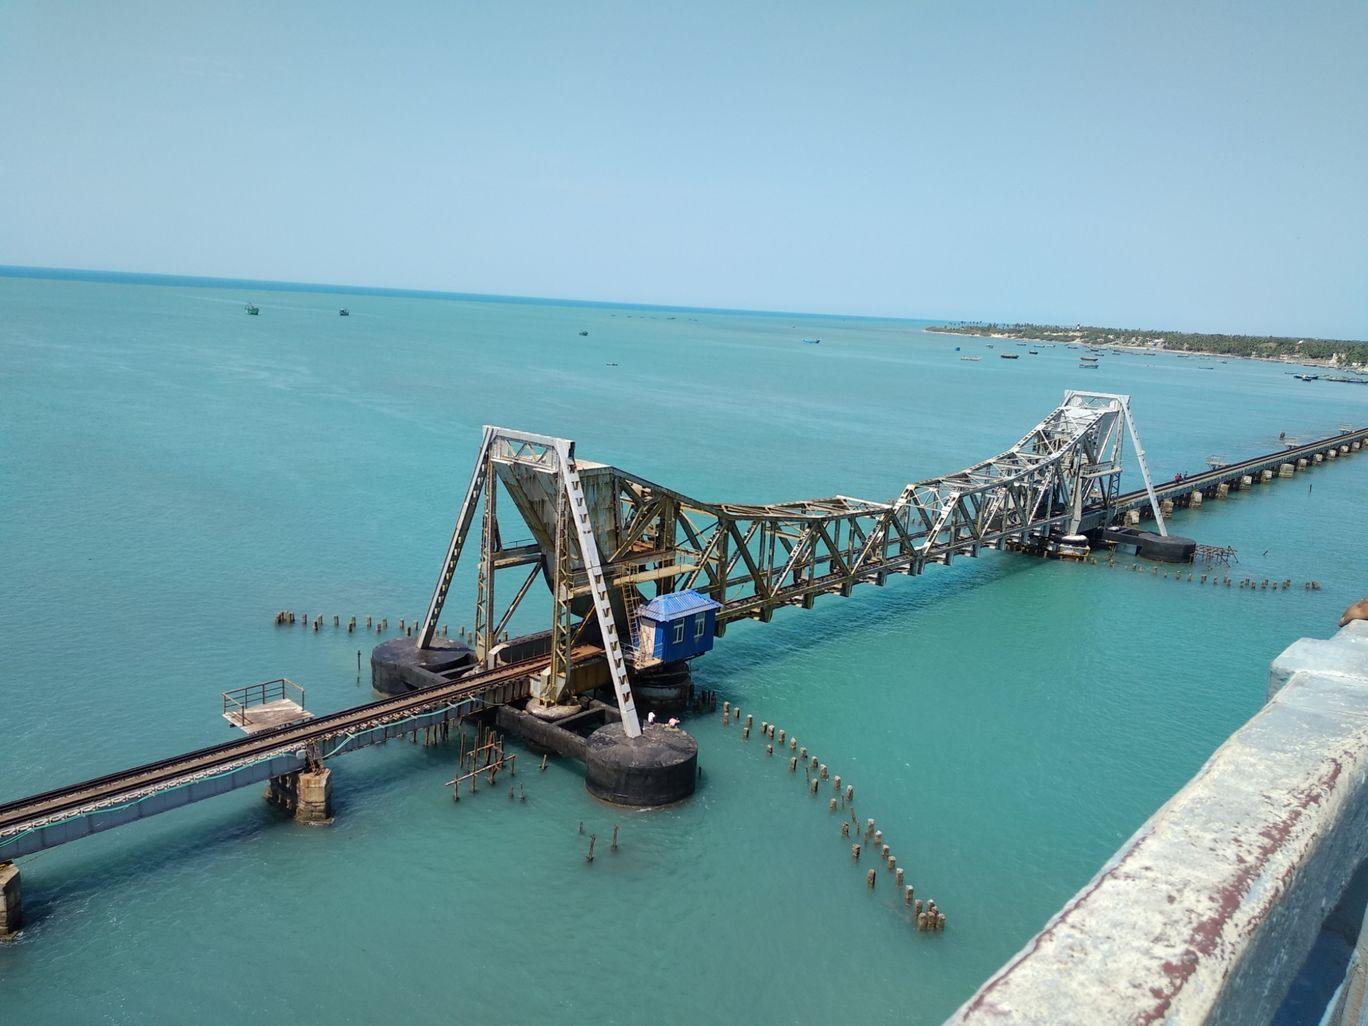 Photo of Tamil Nadu By ravishankar p s